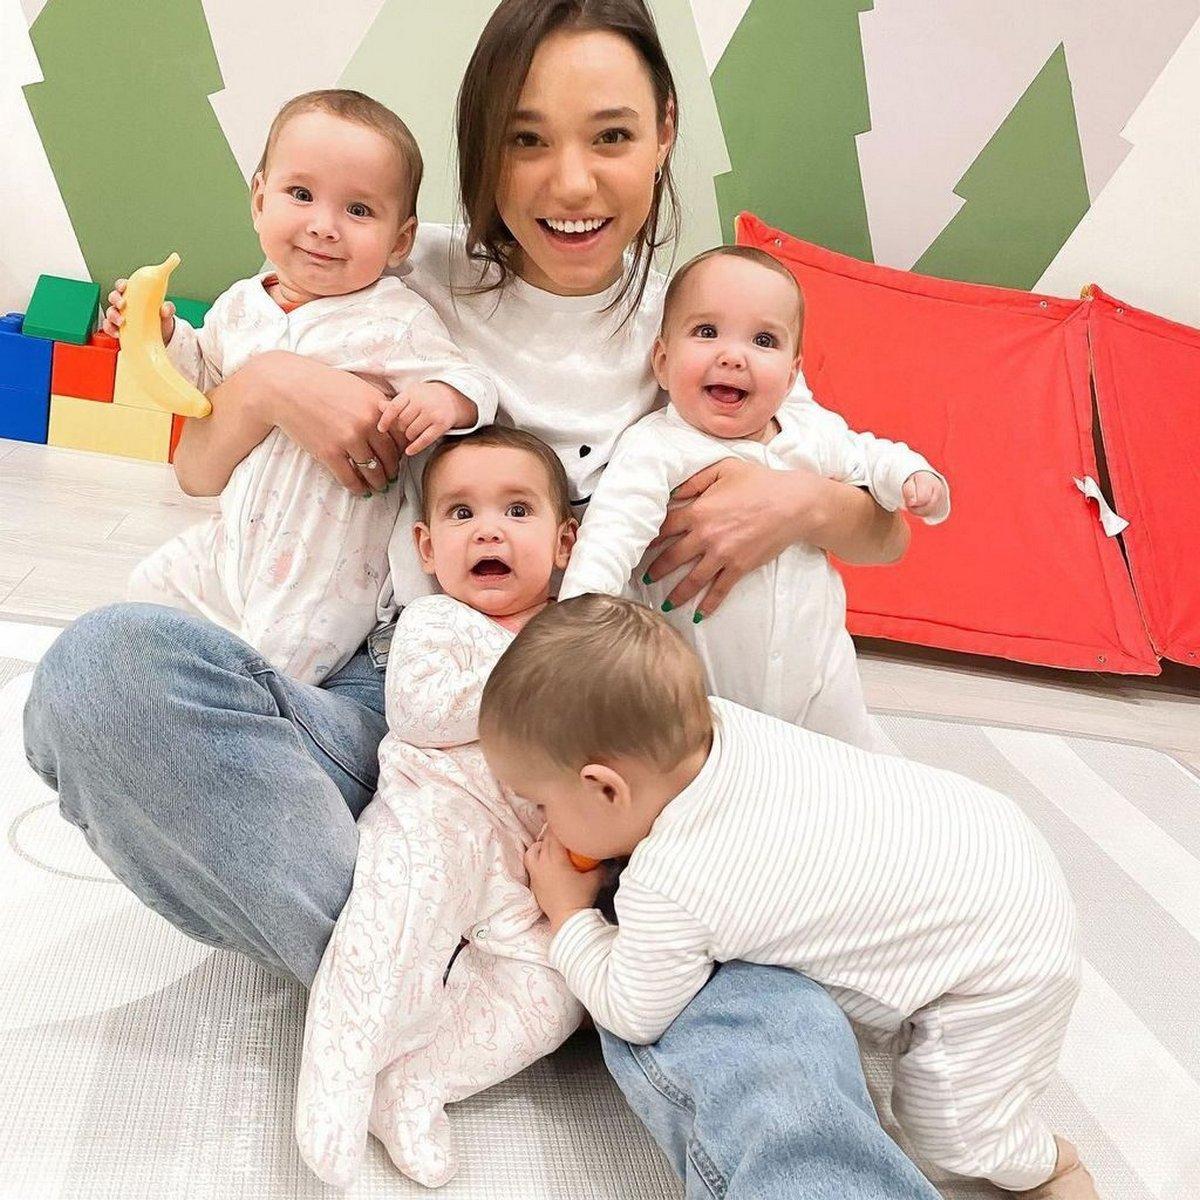 Cette mère de 11 enfants veut 100 enfants de plus pour avoir la «plus grande famille du monde»